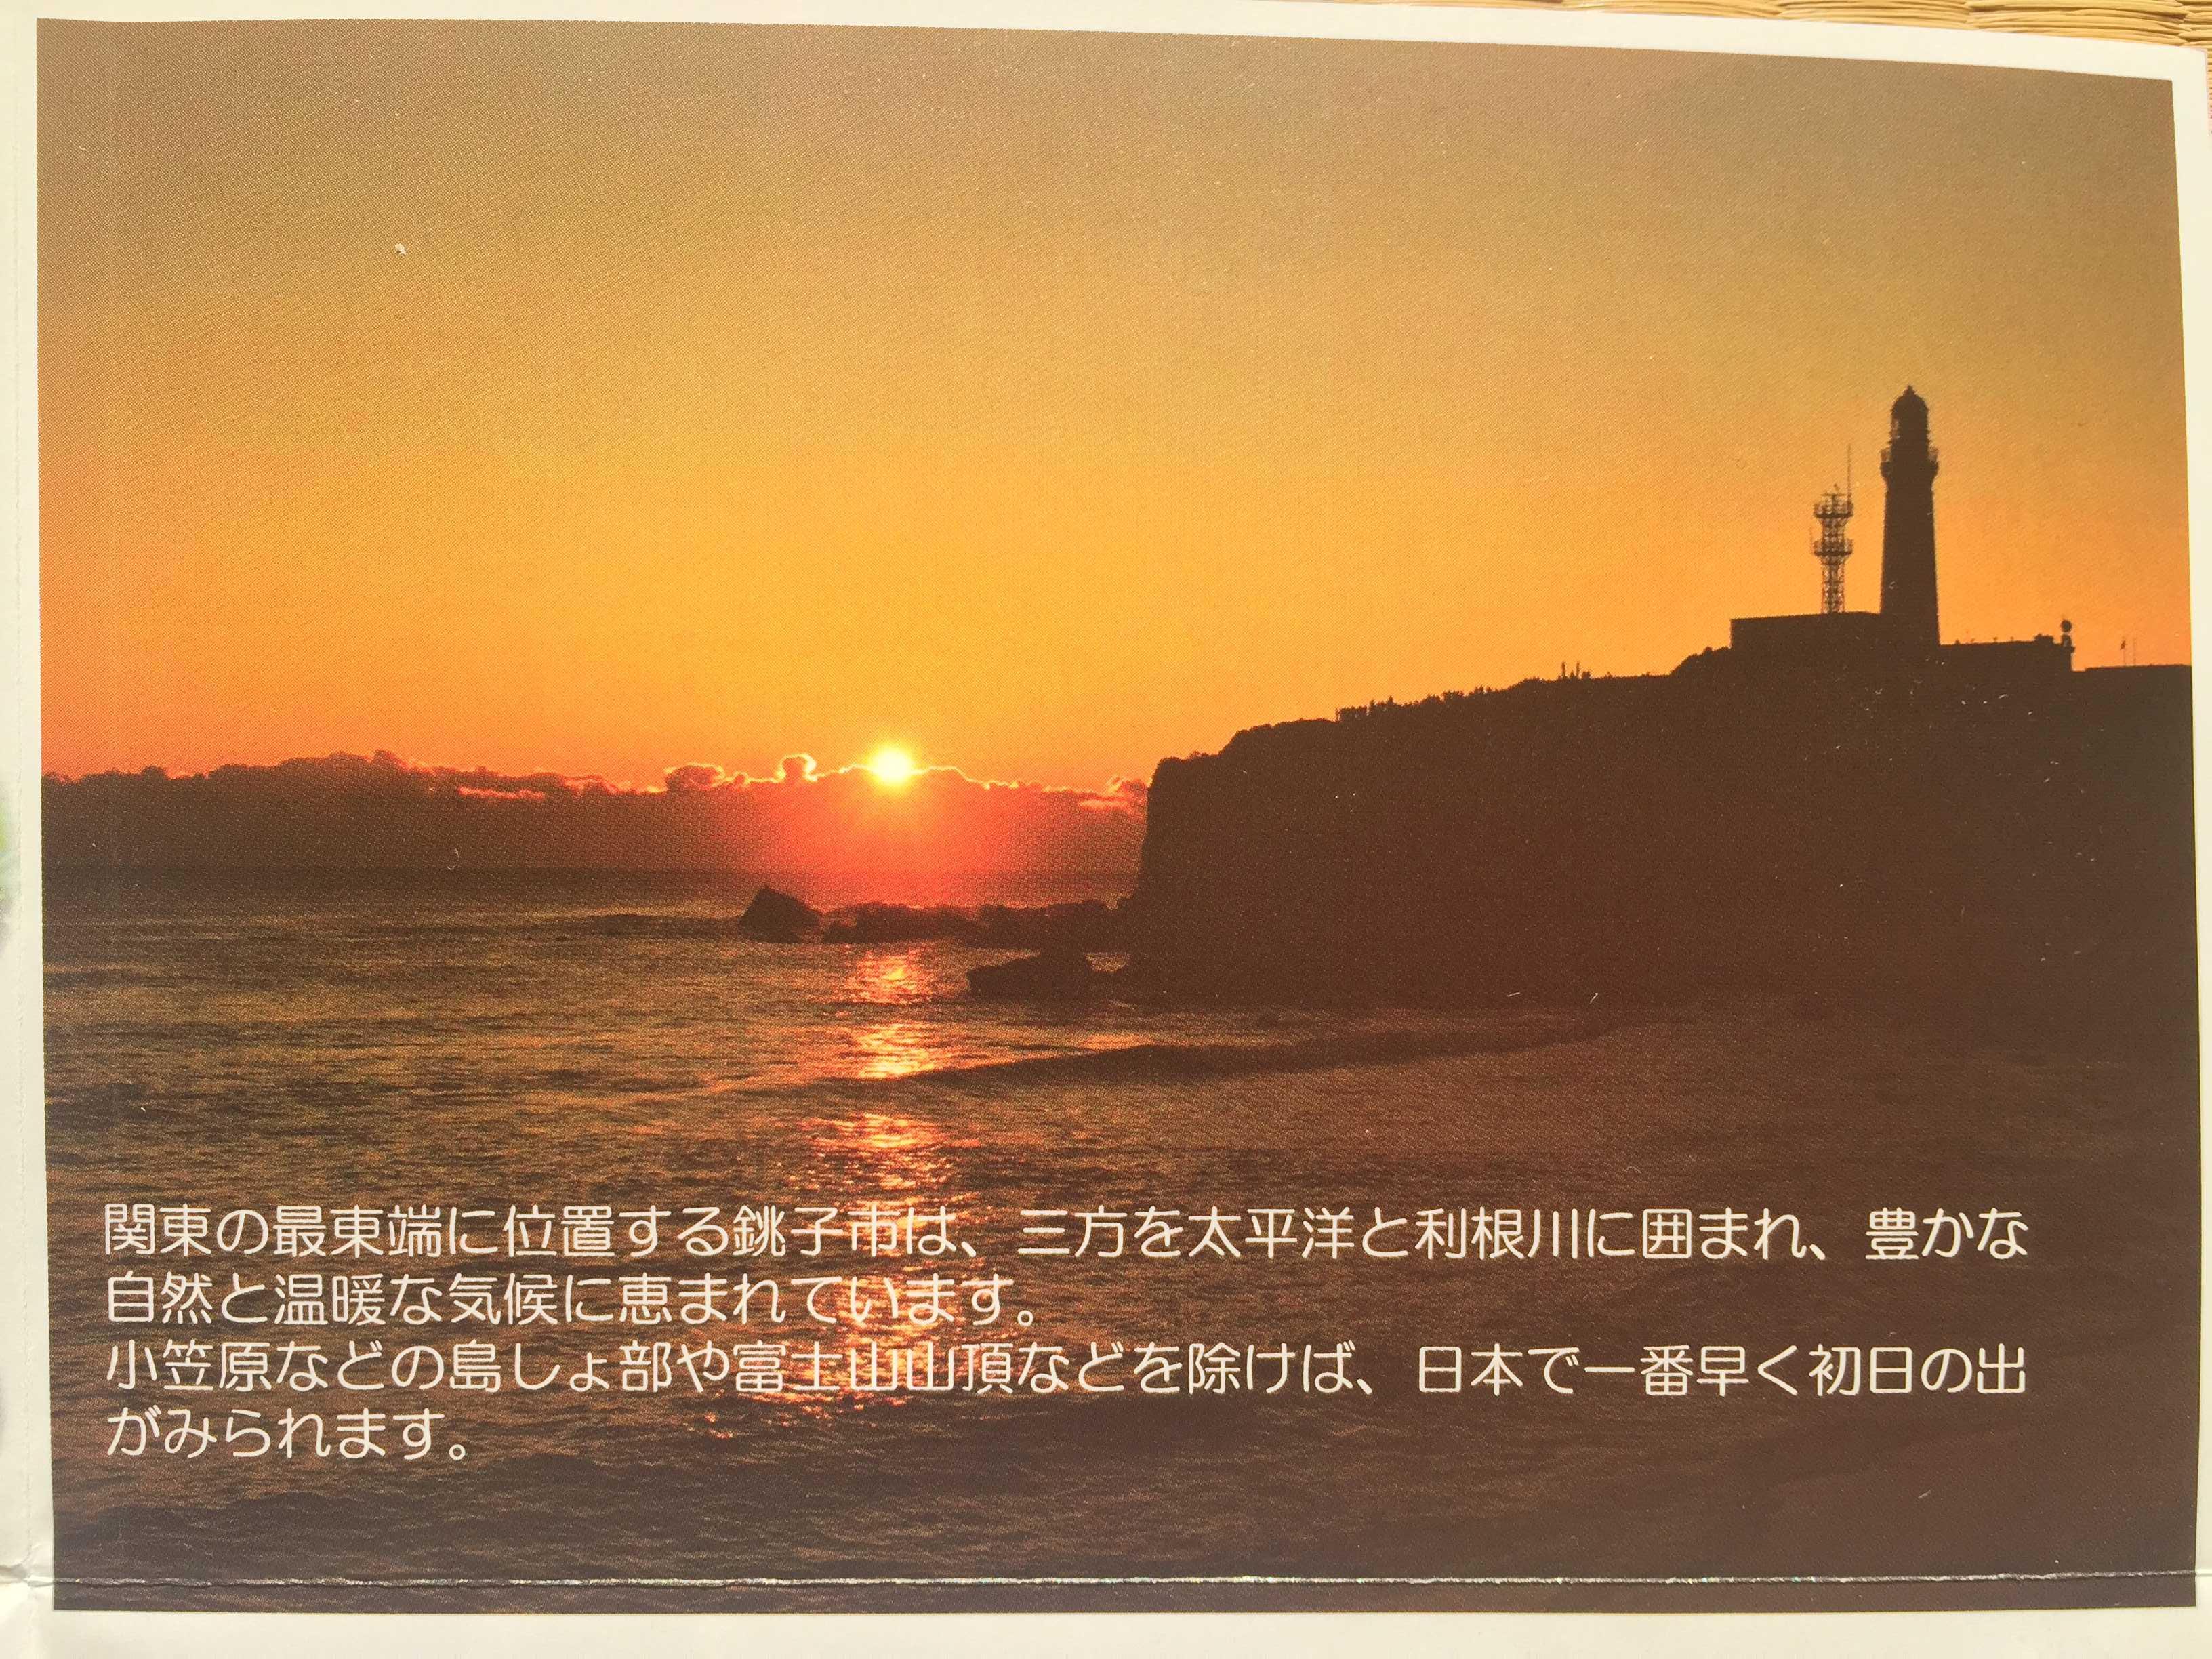 犬吠埼の初日の出 - 千葉県銚子市